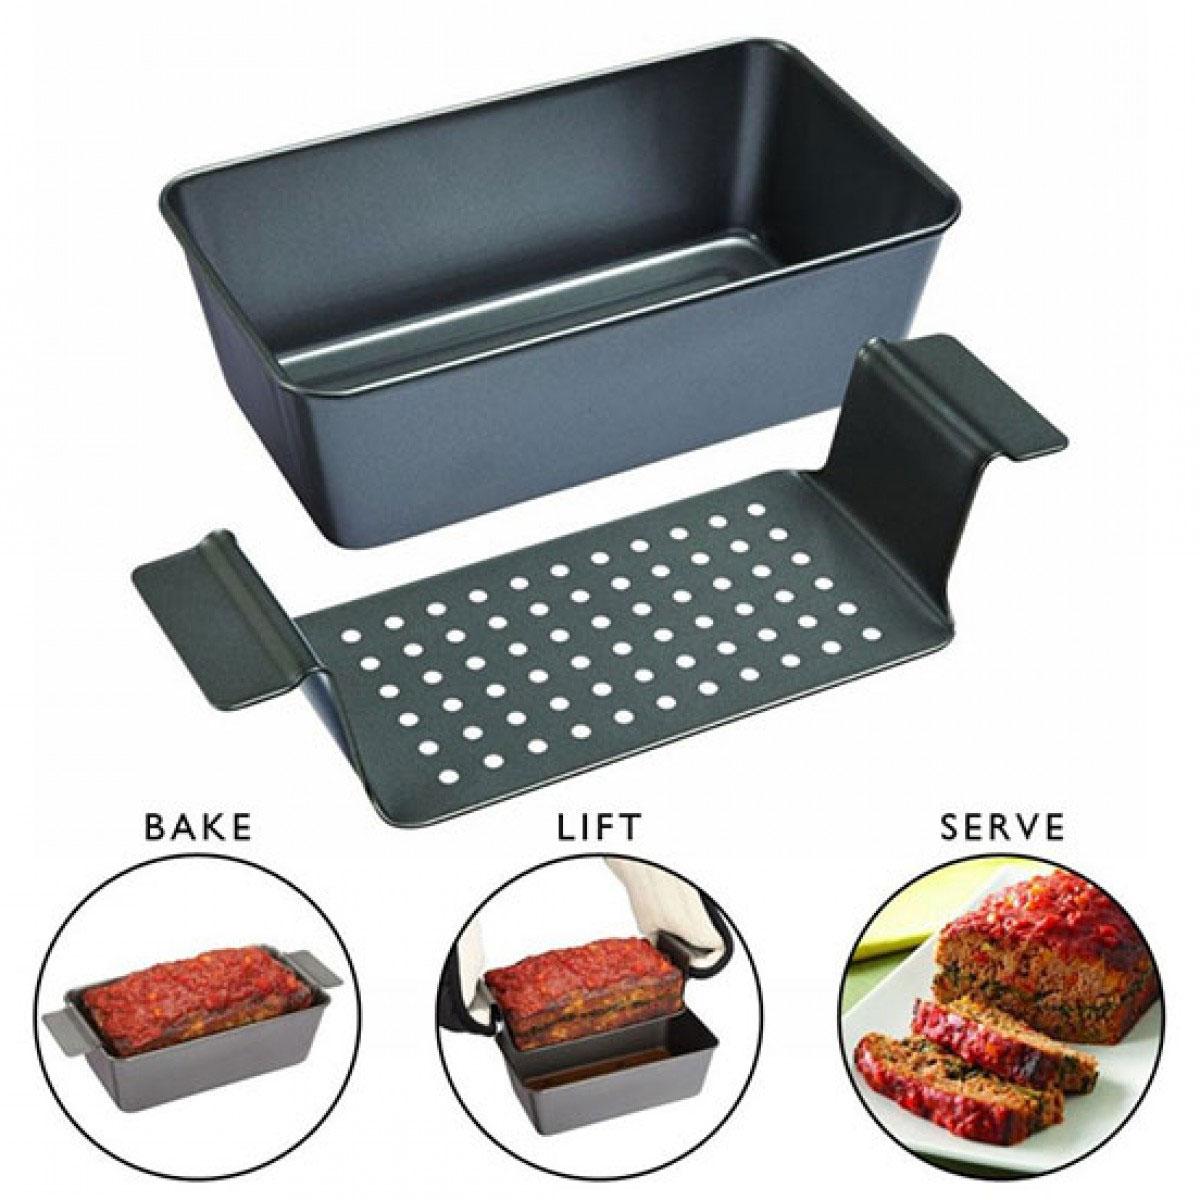 Kitchencraft Chicago Metallic Professional Non Stick